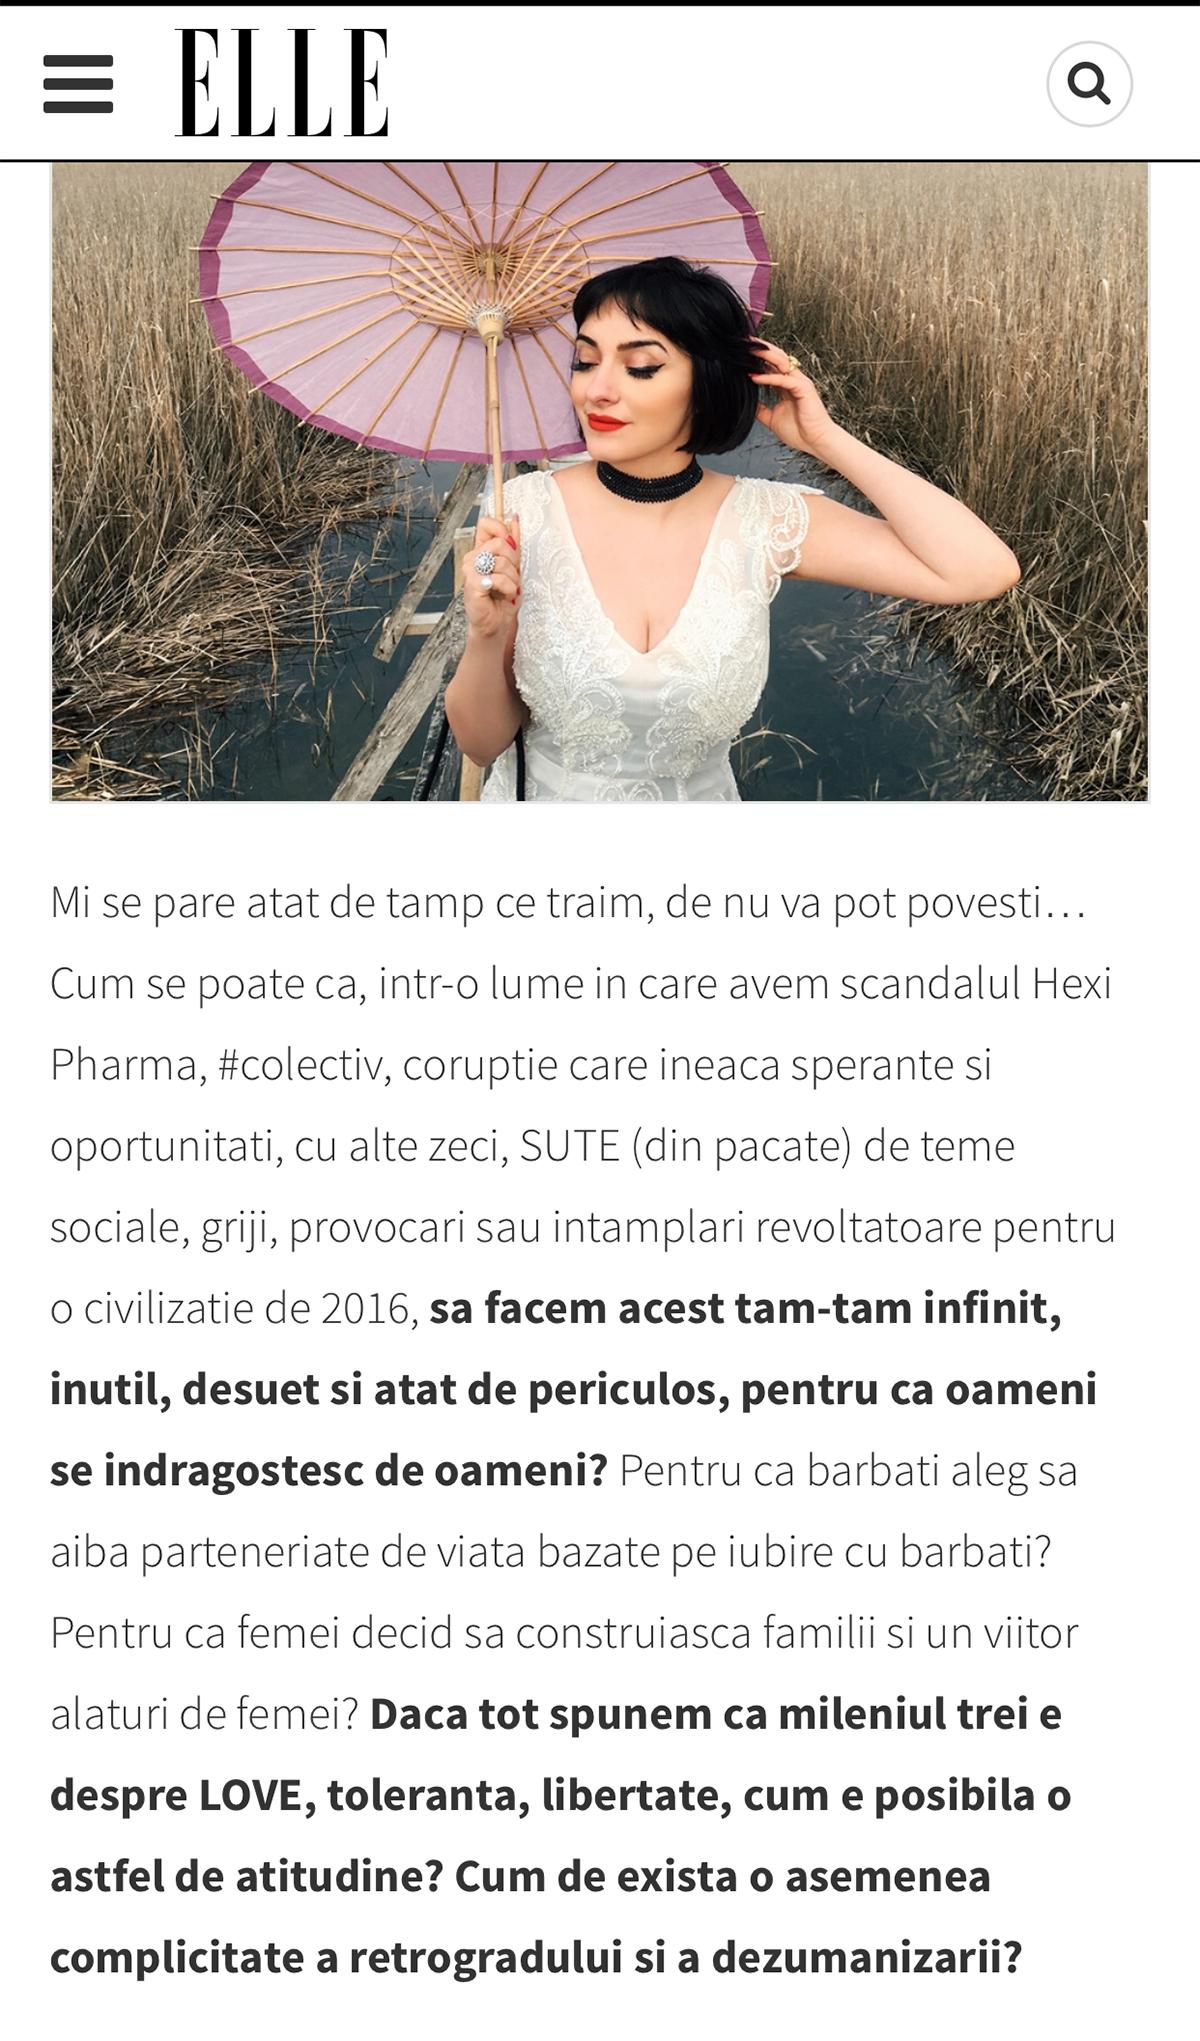 sustinlgbt-ana-morodan-elle-romania-1